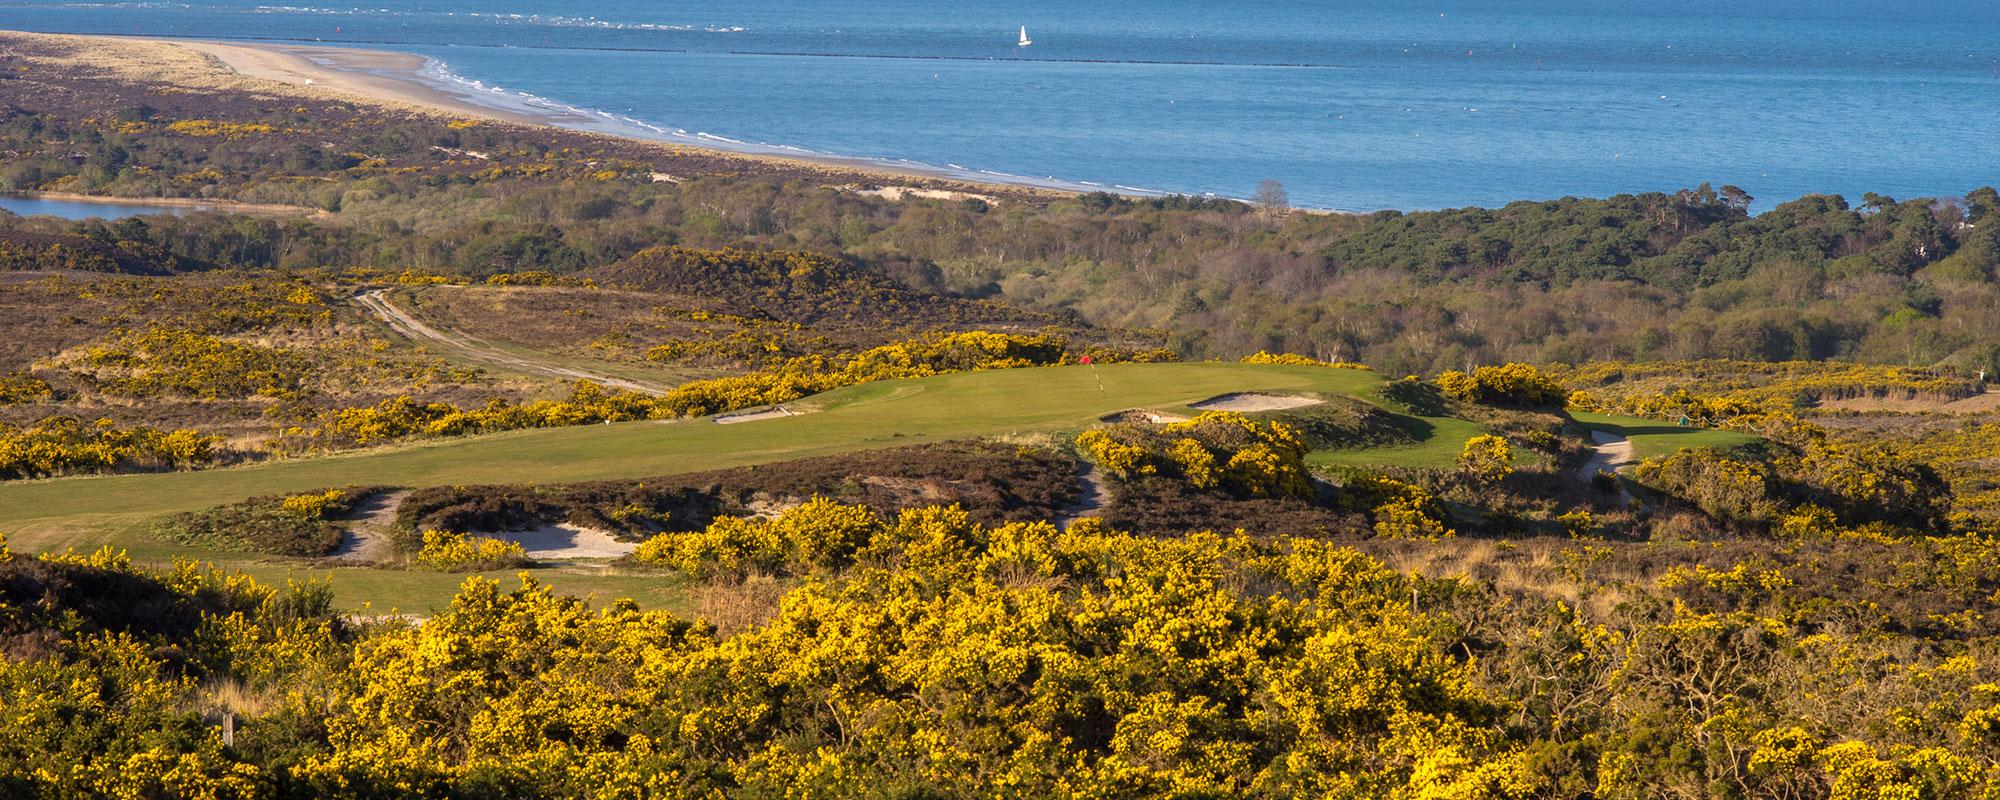 Bournemouth – The UK's No.1 Golf Tour Destination